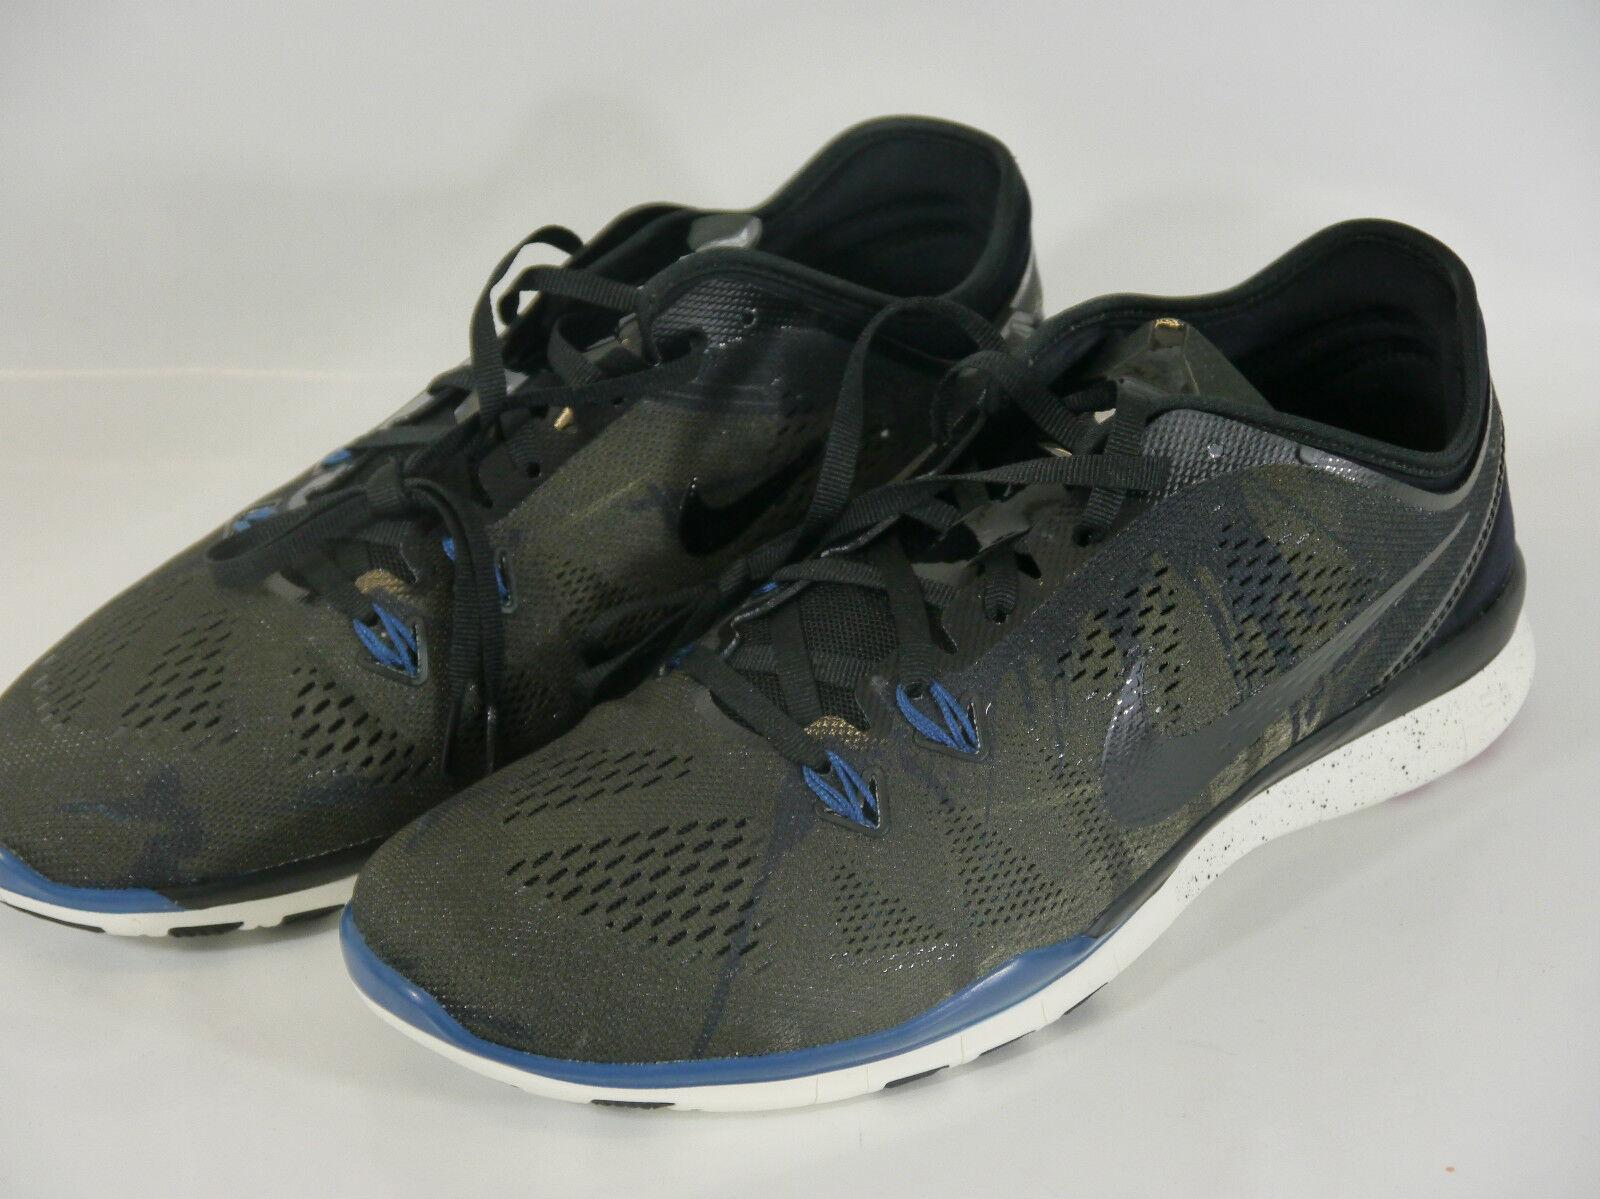 Nike Free 5.0 TR FIT 5 JFS Nuovo Nuovo Nuovo Con Scatola Uk 9 US 11.5 (W) EUR 44 Uomo Scarpe da ginnastica Donna | Prestazioni Affidabili  | Gentiluomo/Signora Scarpa  e15d15